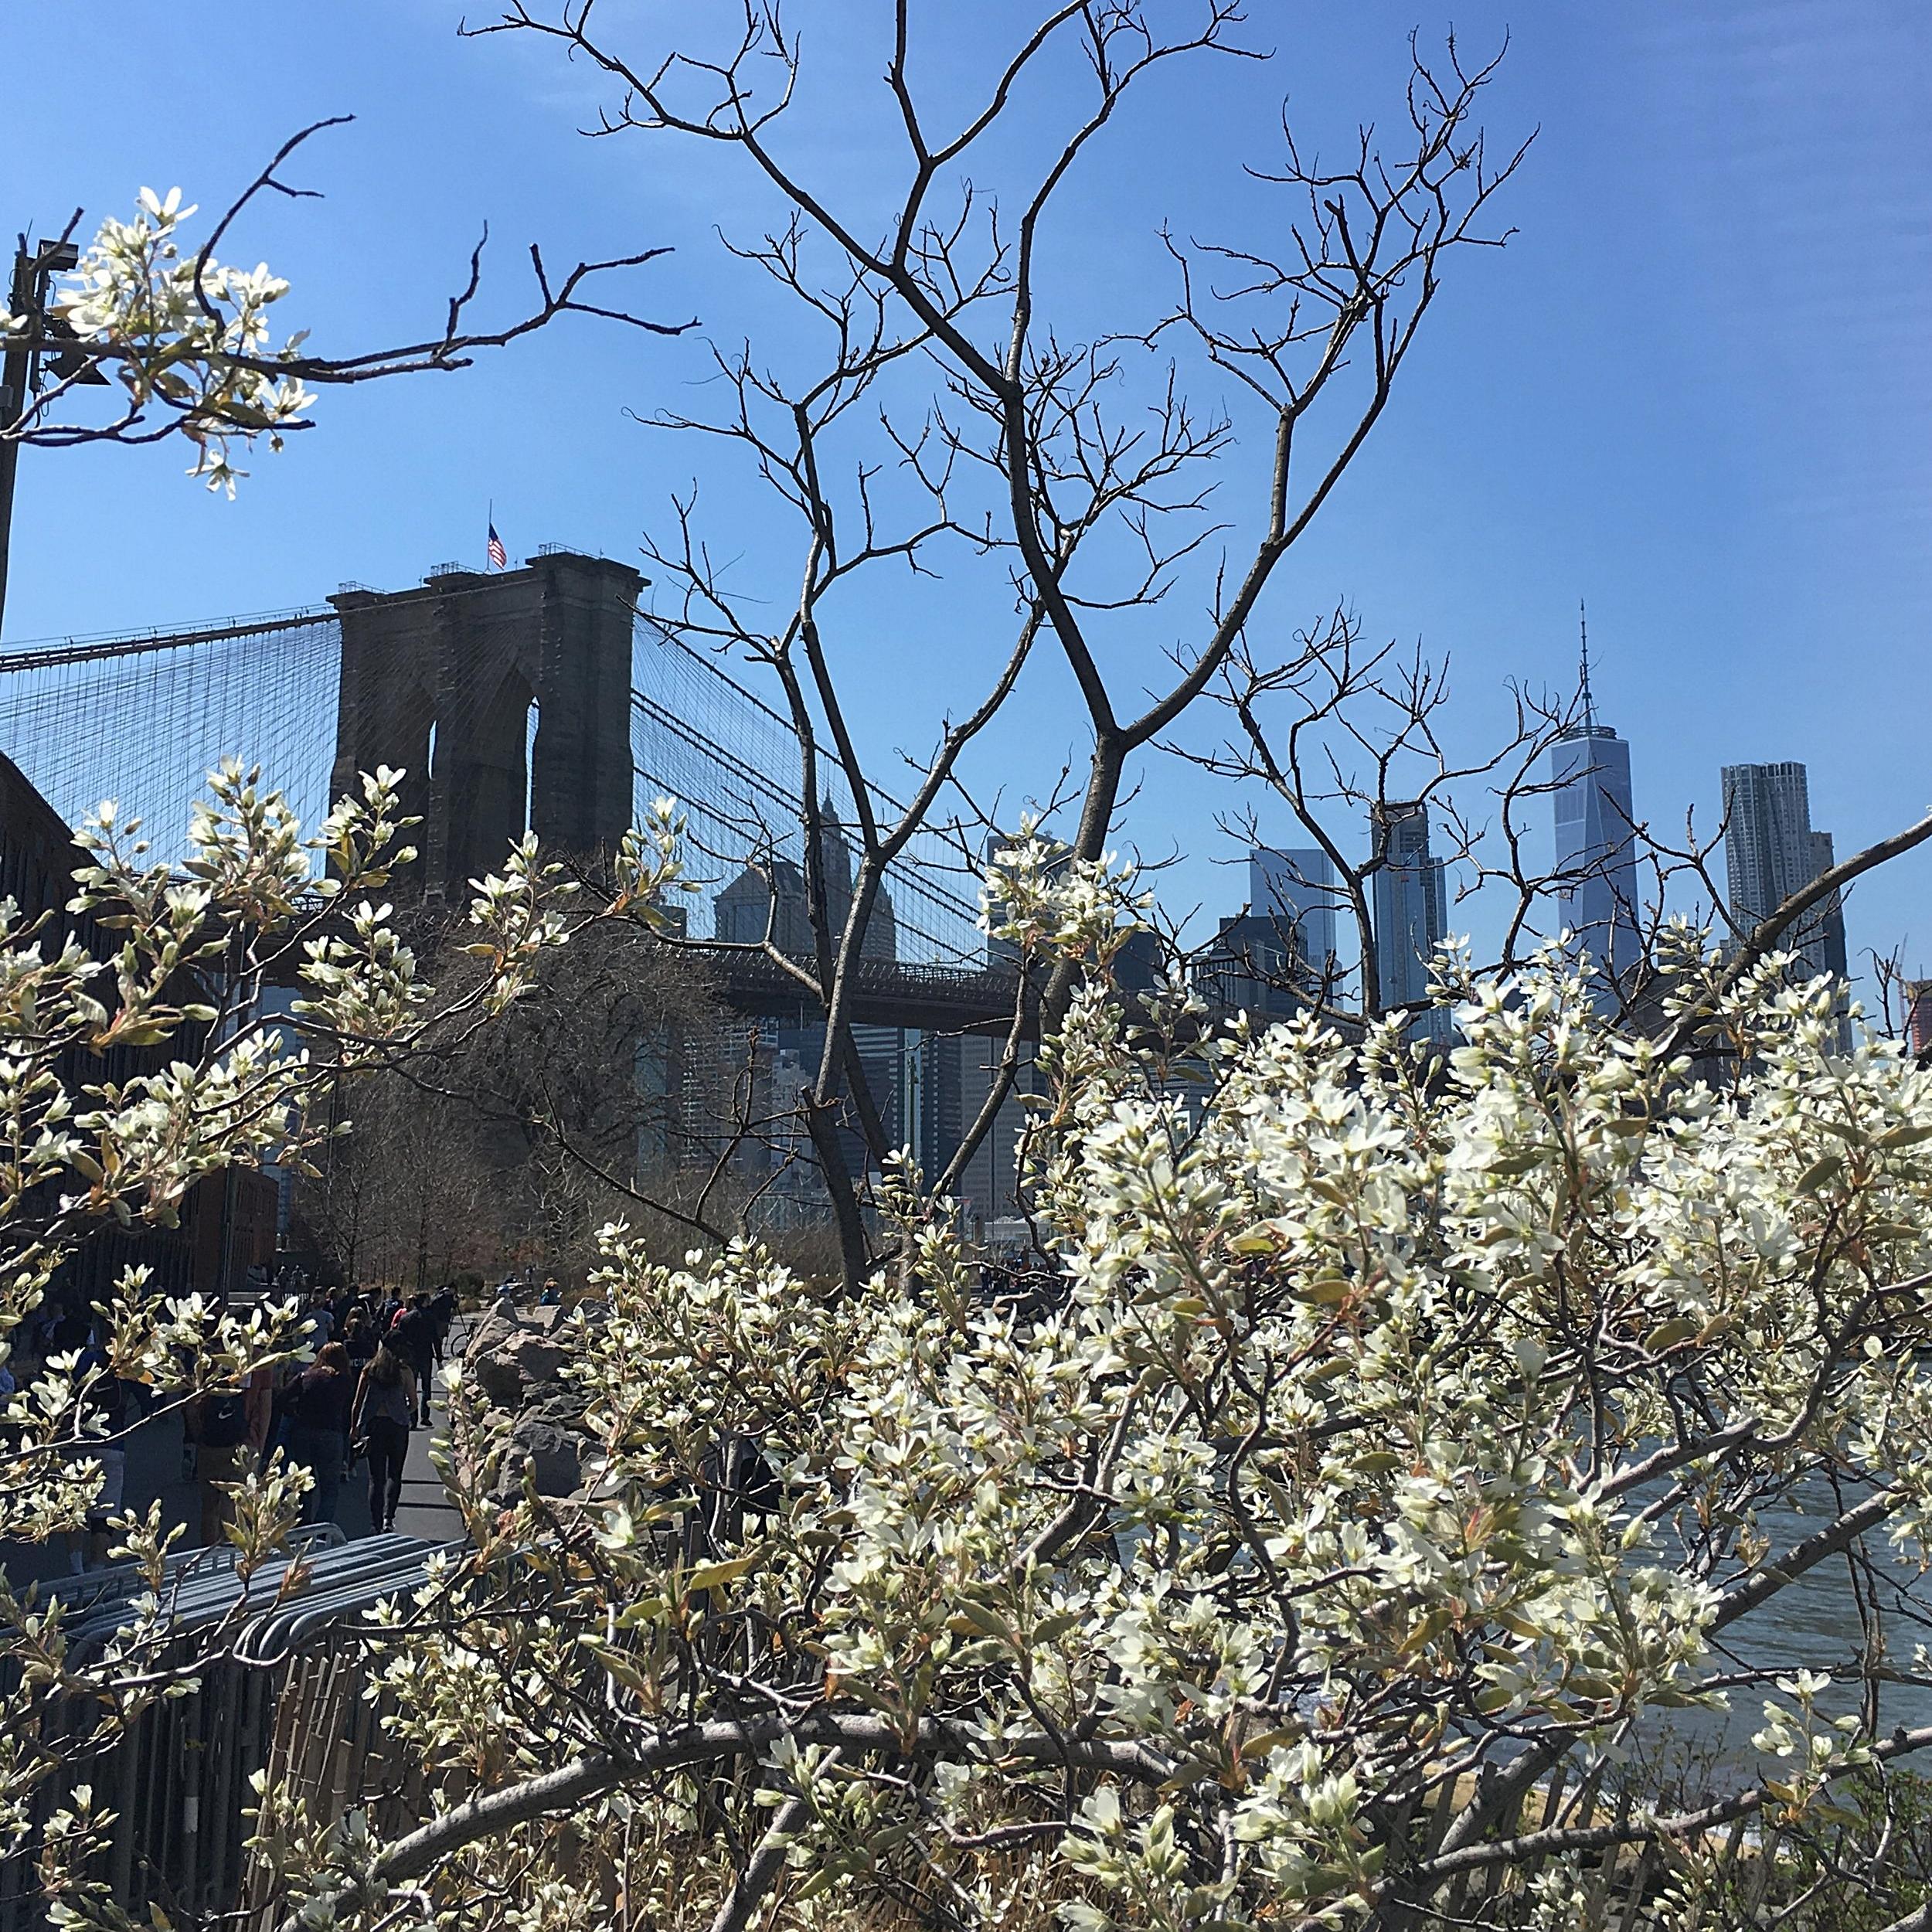 New York skyline & a happy tree